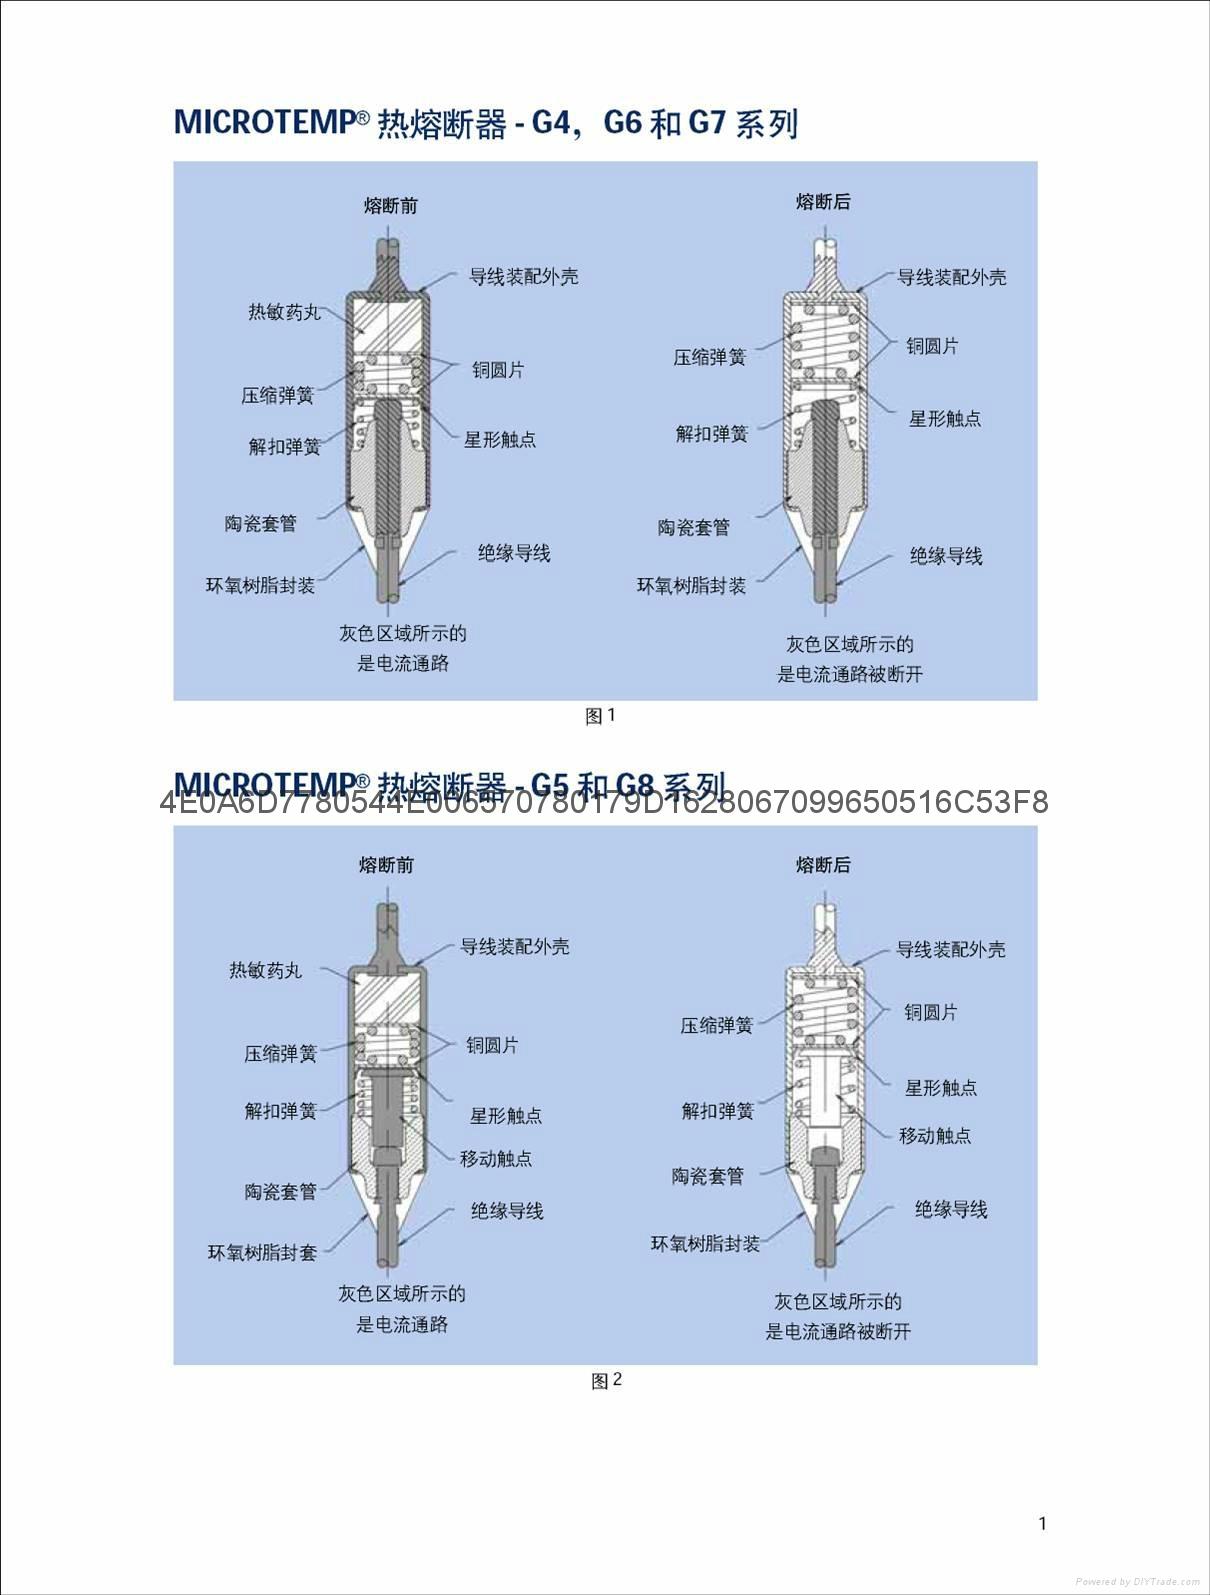 進口大電流艾默生溫度保險絲G8A01和G8A00系列熱熔斷器 3